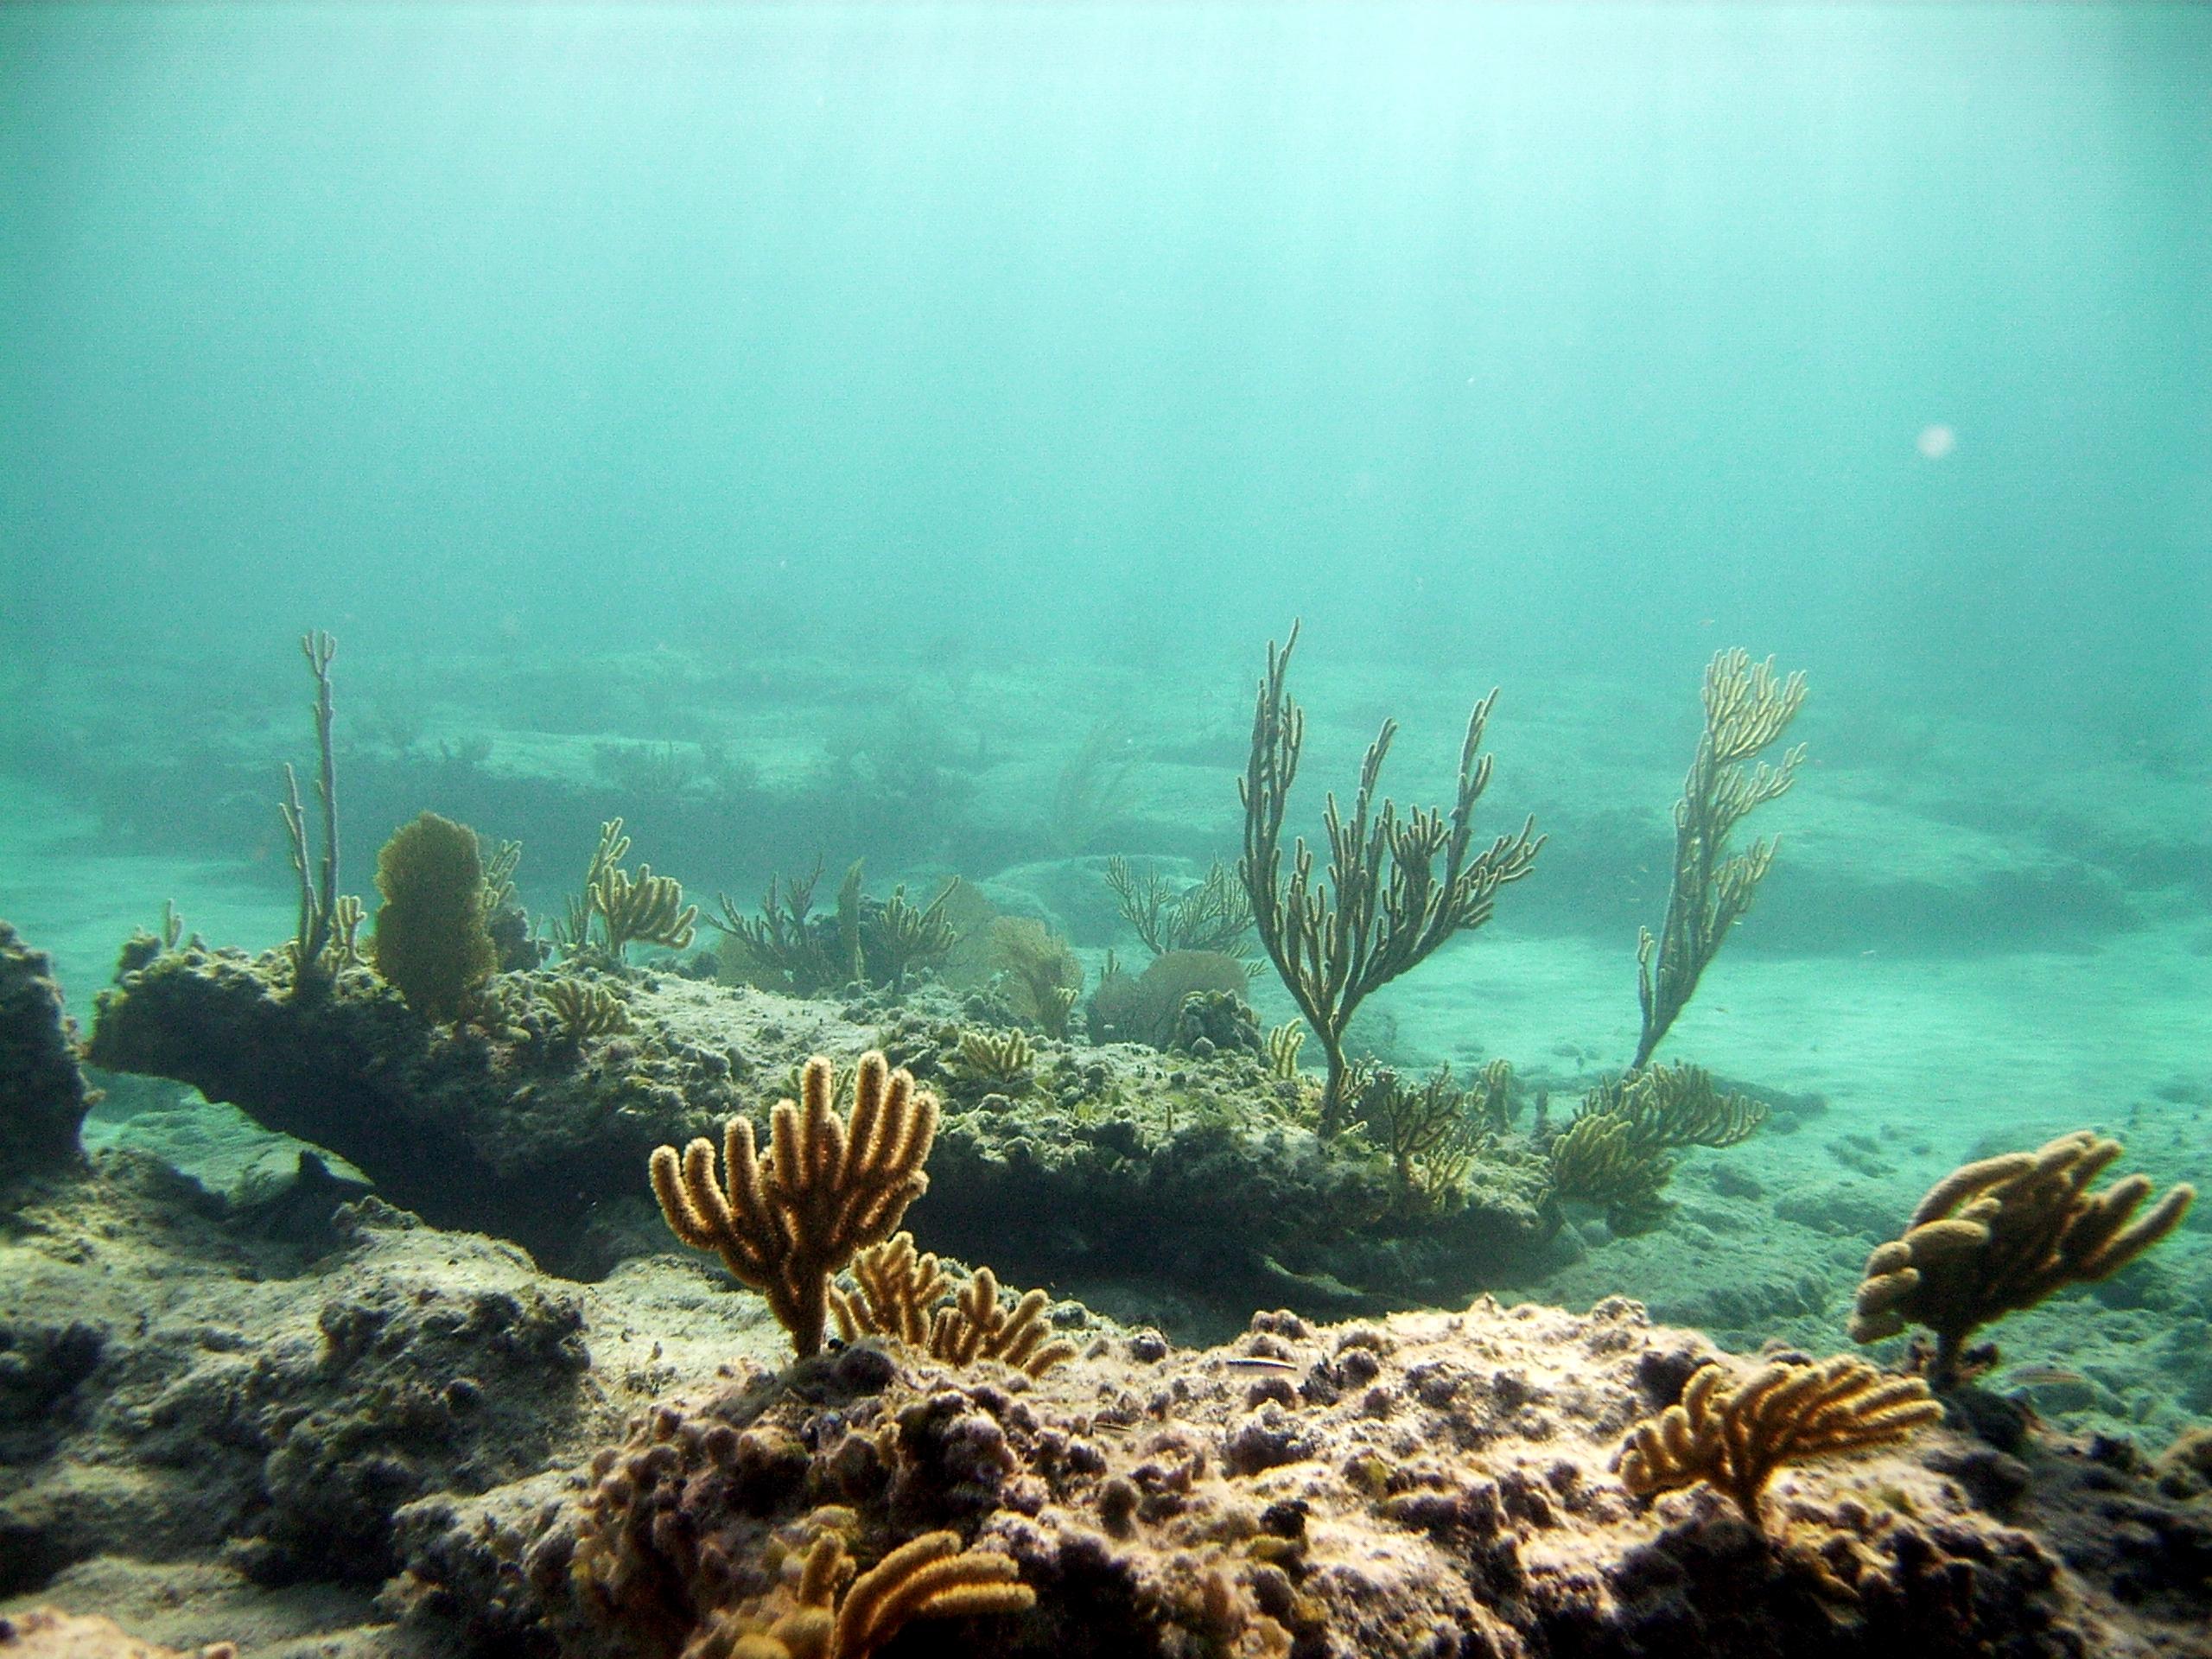 картинки под водой высокого качества пионы можно сделать